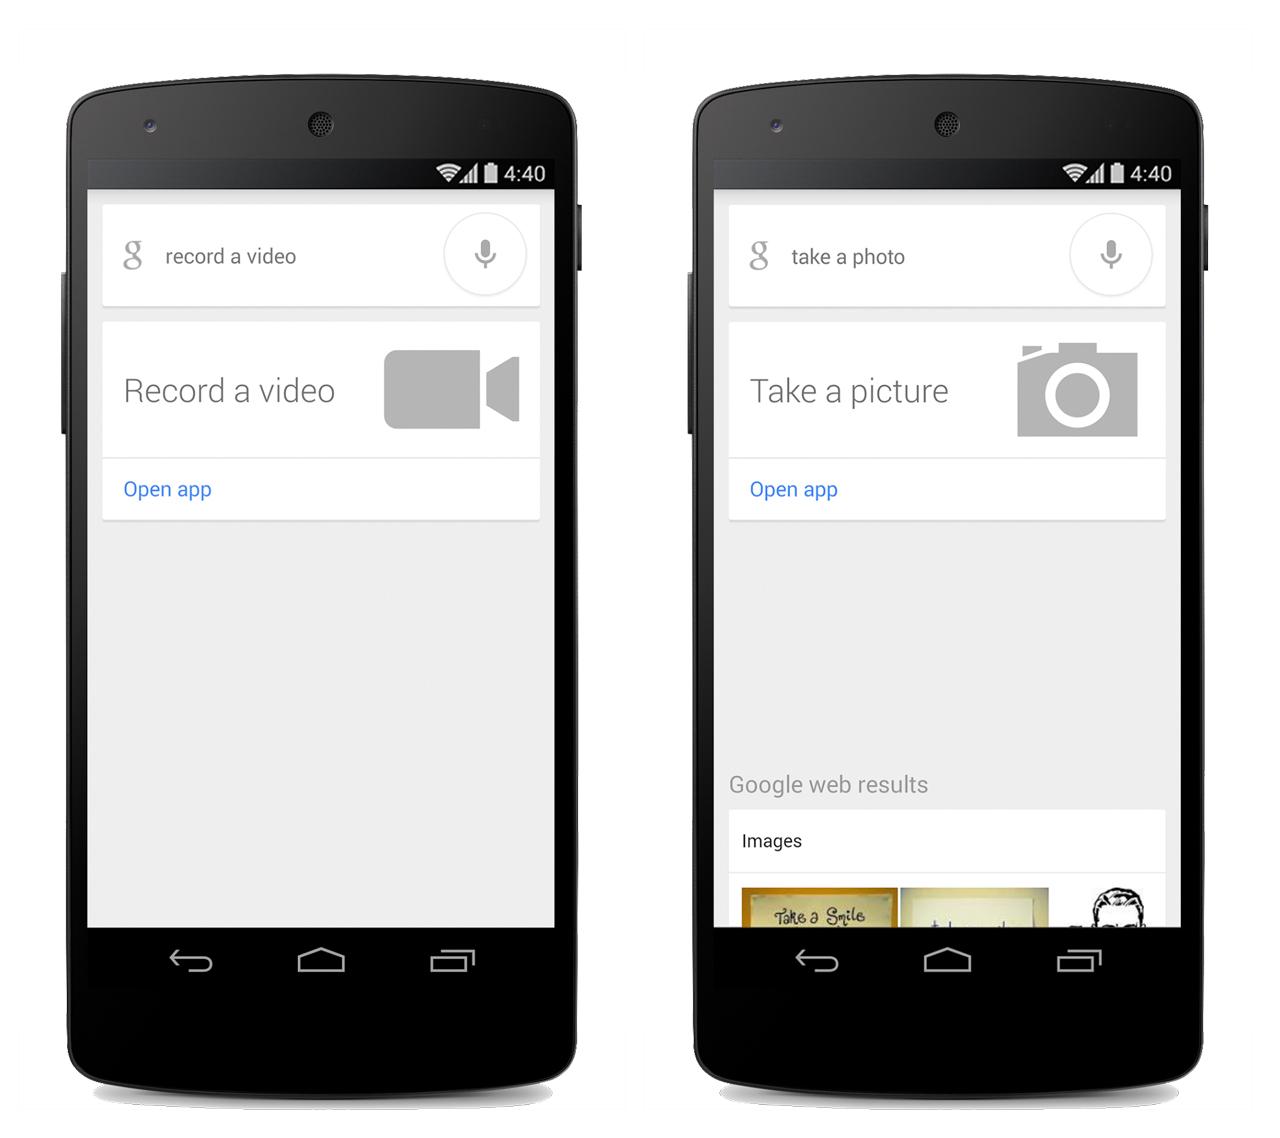 Обновленный Google Search управляет камерой голосом